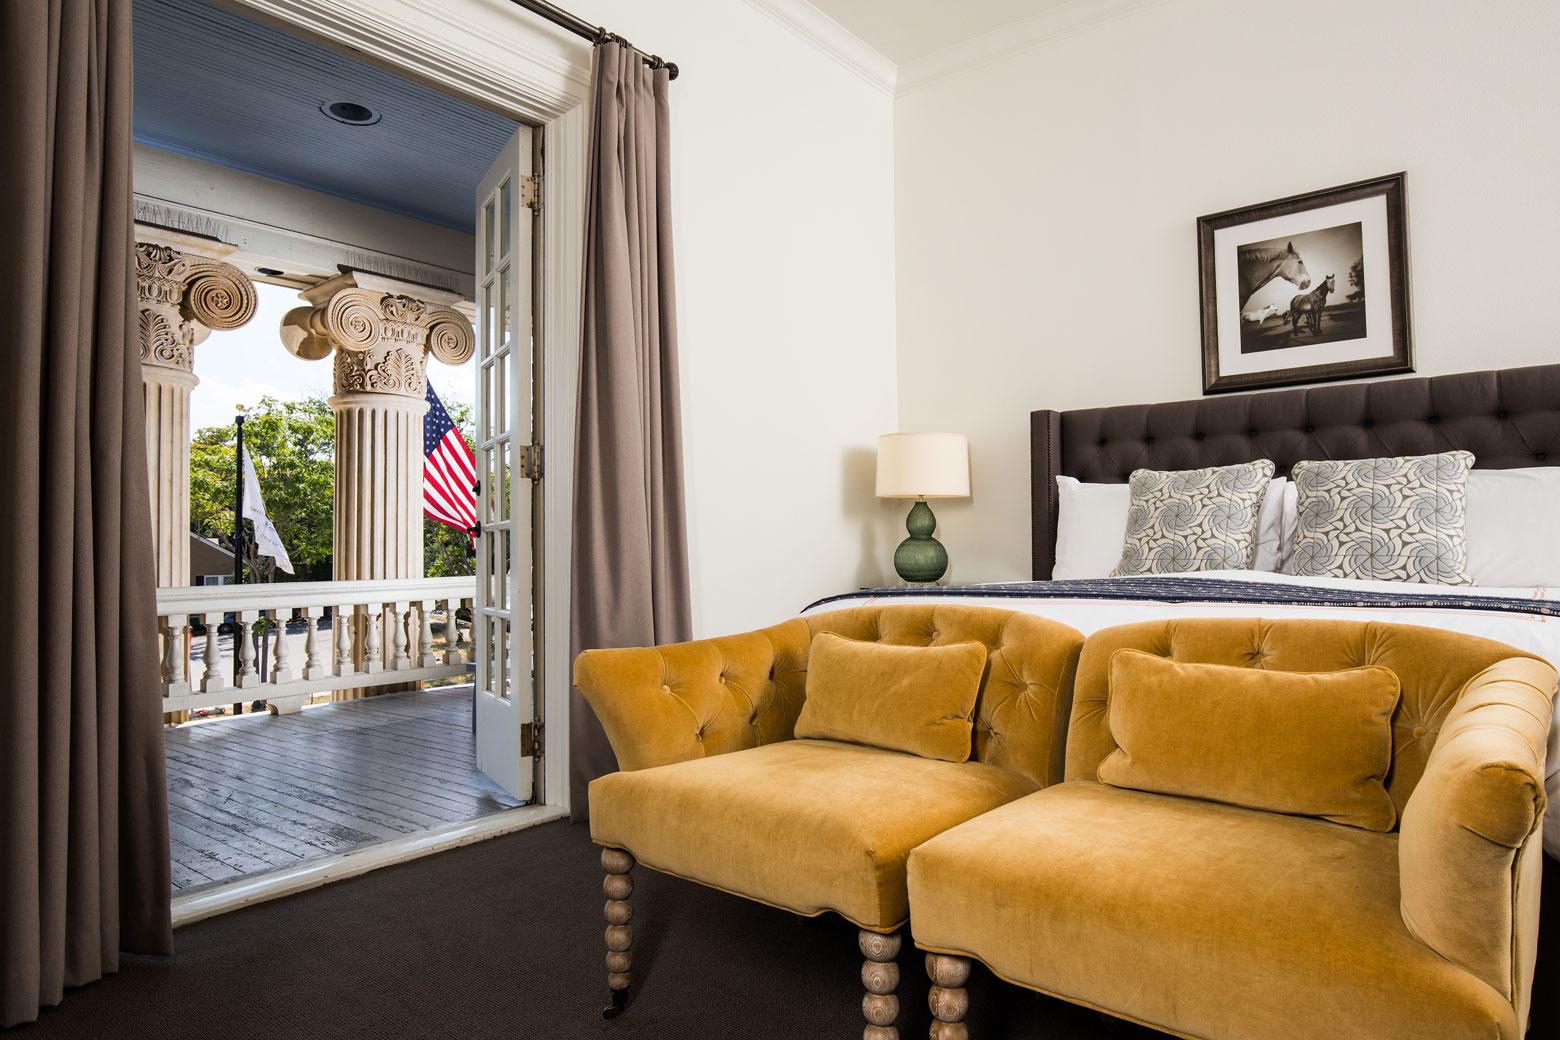 Hotel Ella room